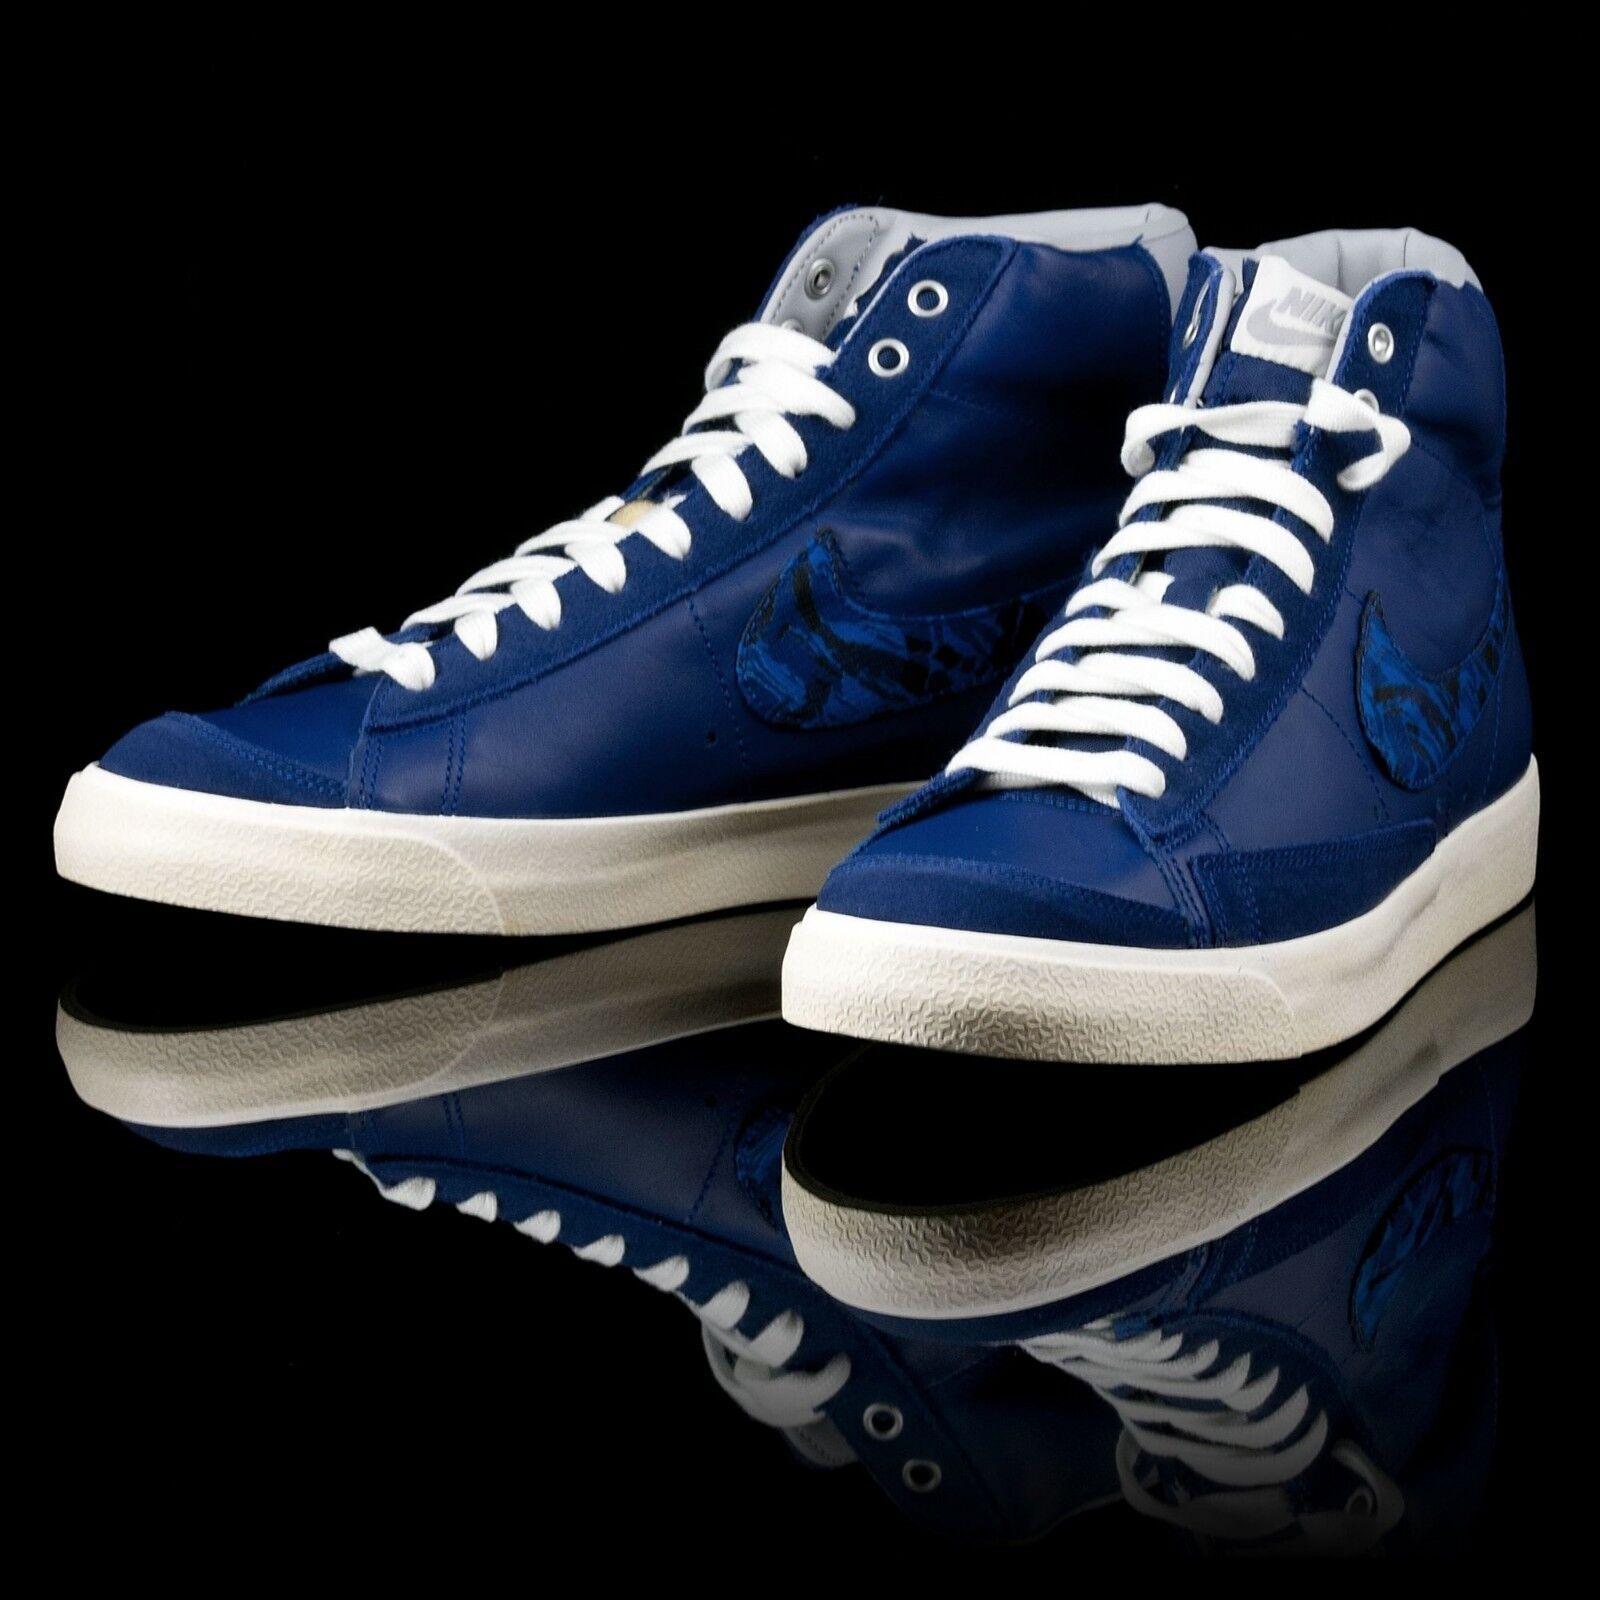 Nike blazer mid'77 vntgage 537327-400 537327-400 537327-400 9 usa neue ds - jahrgang 29e05c